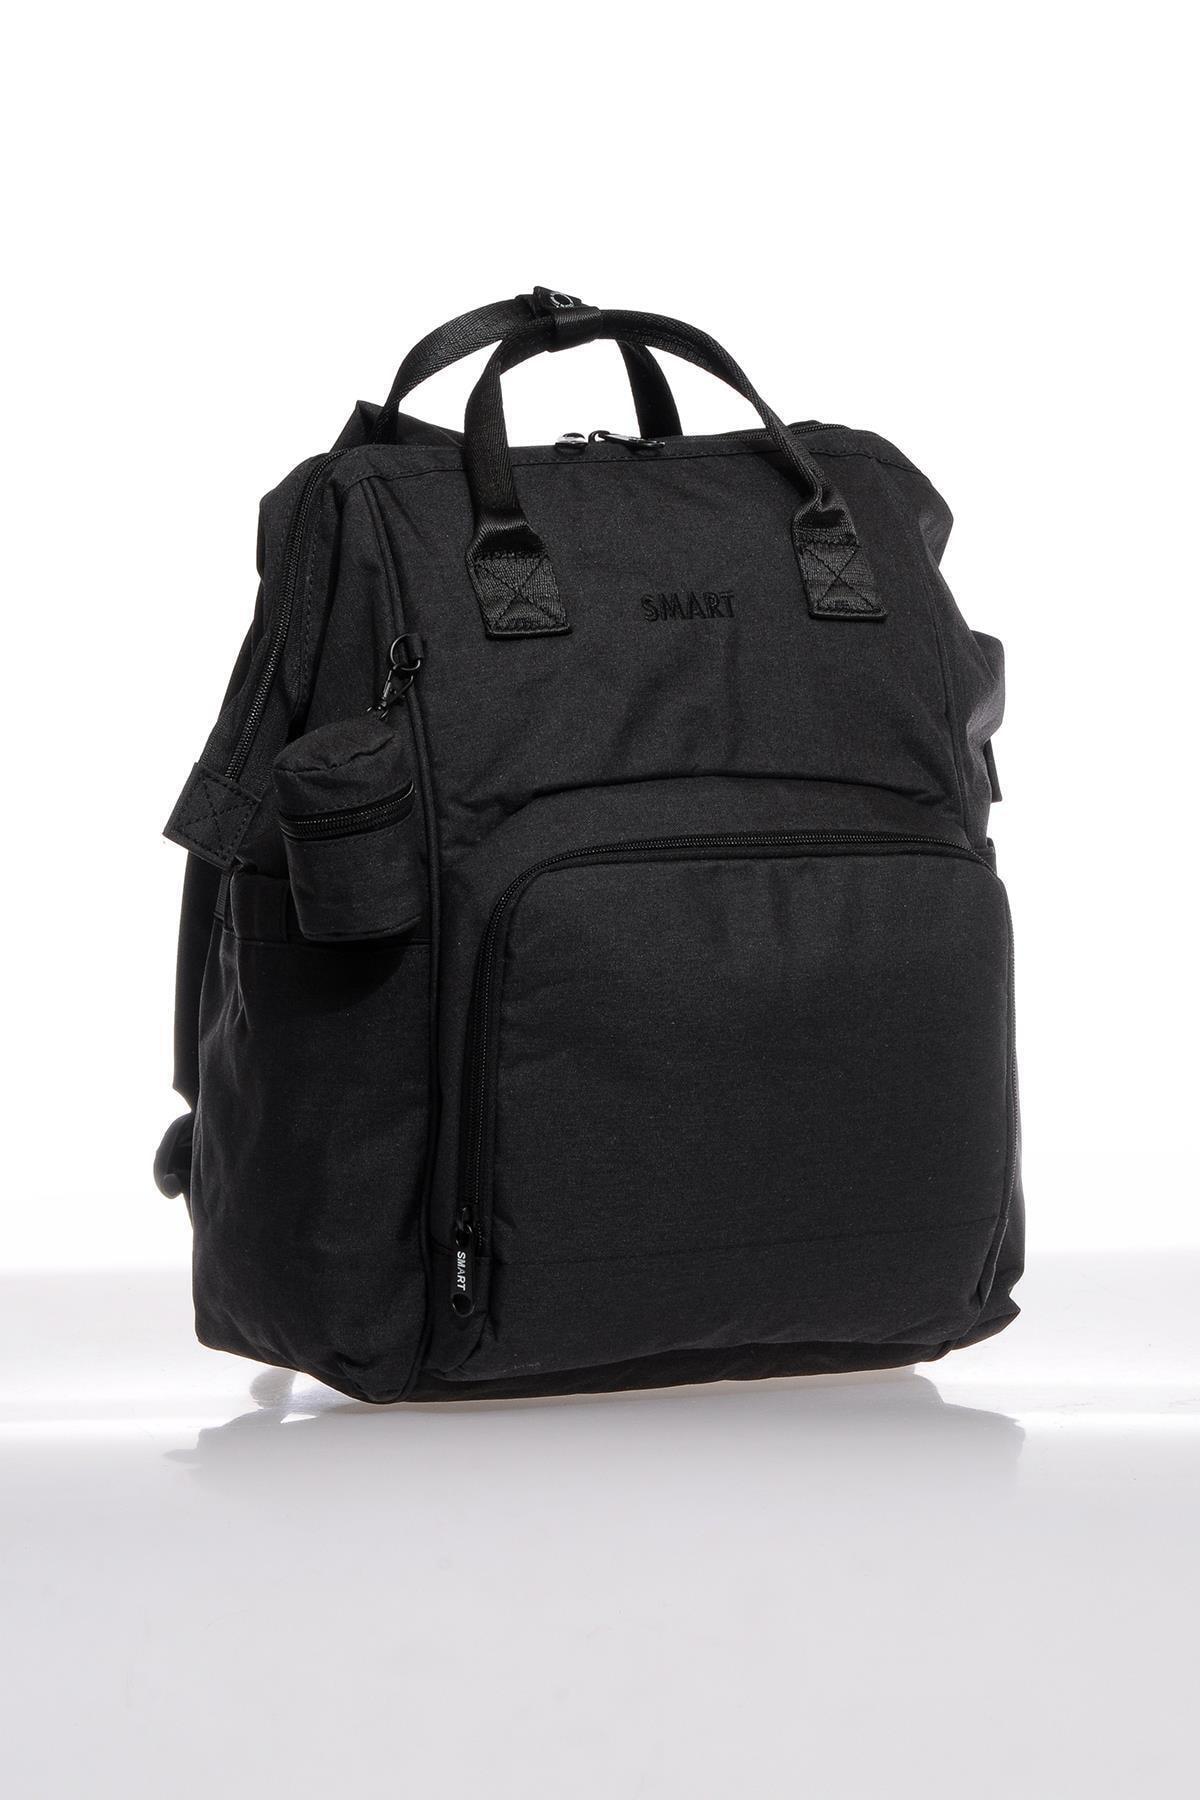 SMART BAGS Smb2007-0001 Siyah Kadın Bebek Bakım Sırt Çantası 2